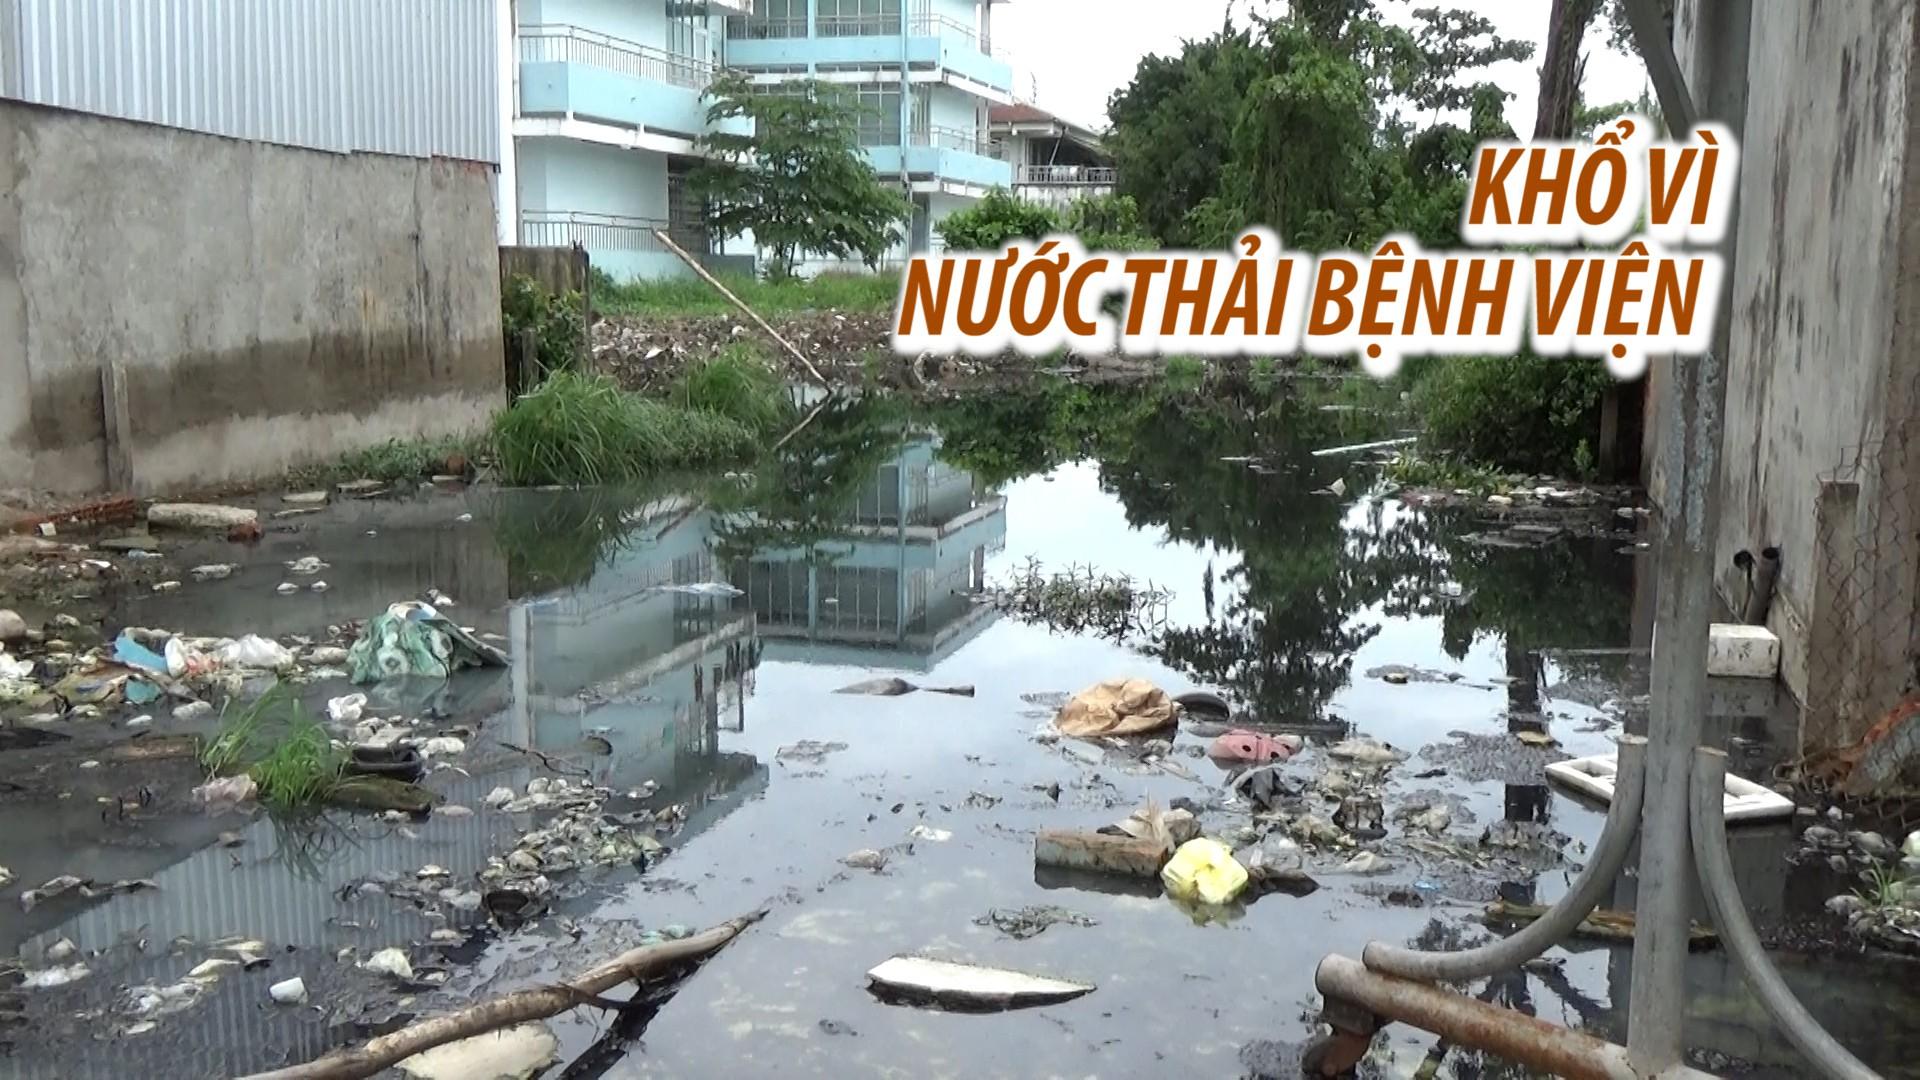 Nước thải bệnh viện